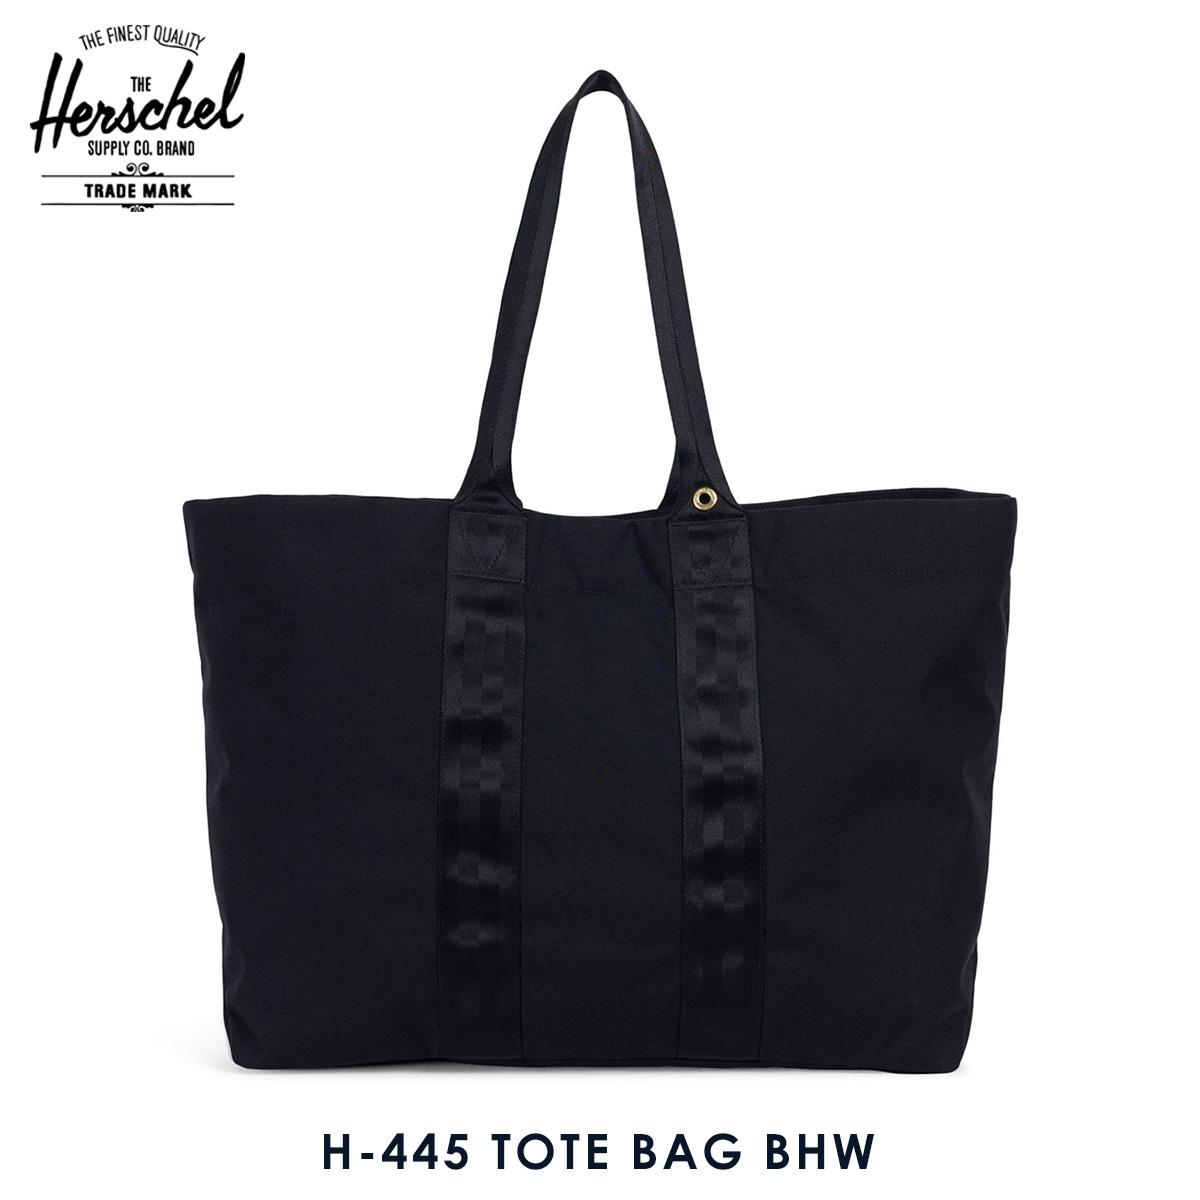 【ポイント10倍 6/4 20:00~6/11 01:59まで】 ハーシェル バッグ 正規販売店 Herschel Supply ハーシャルサプライ 鞄 トートバッグ H-445 TOTE BAG BHW 10418-01981-OS BLACK 父の日